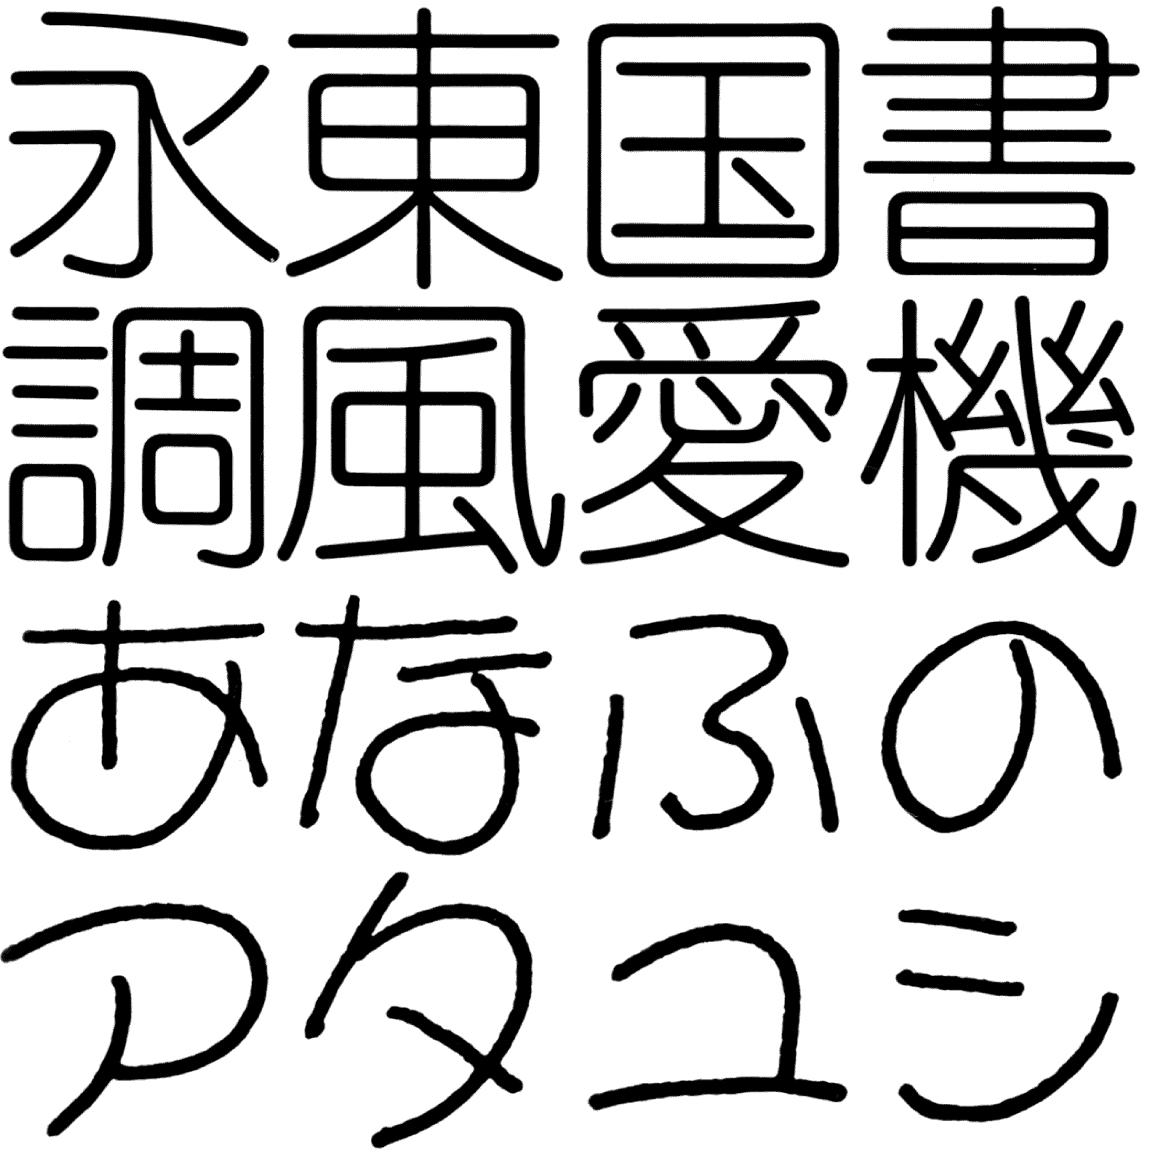 ヨシール L LYSR 字形見本